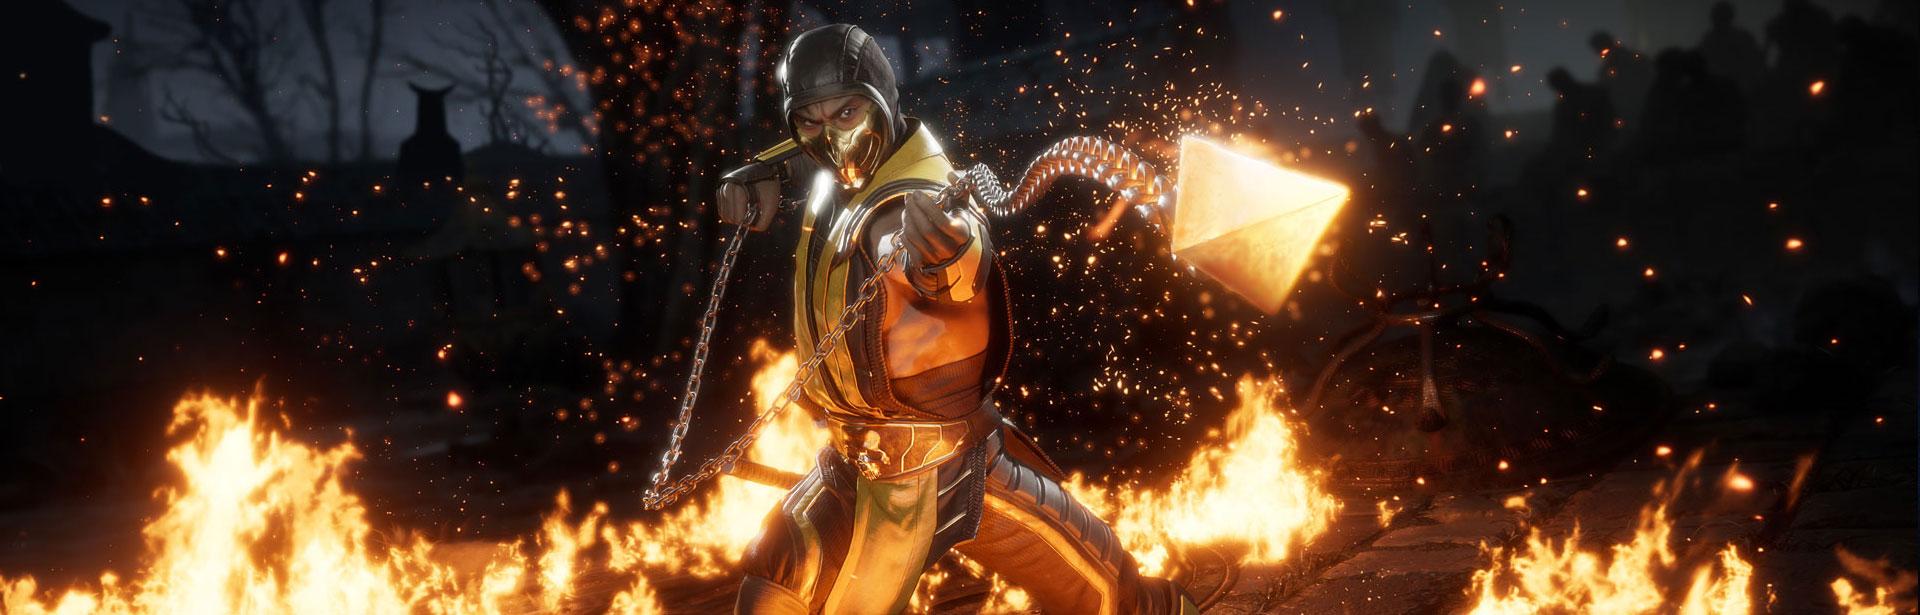 Mortal Kombat 11 Game Guide header